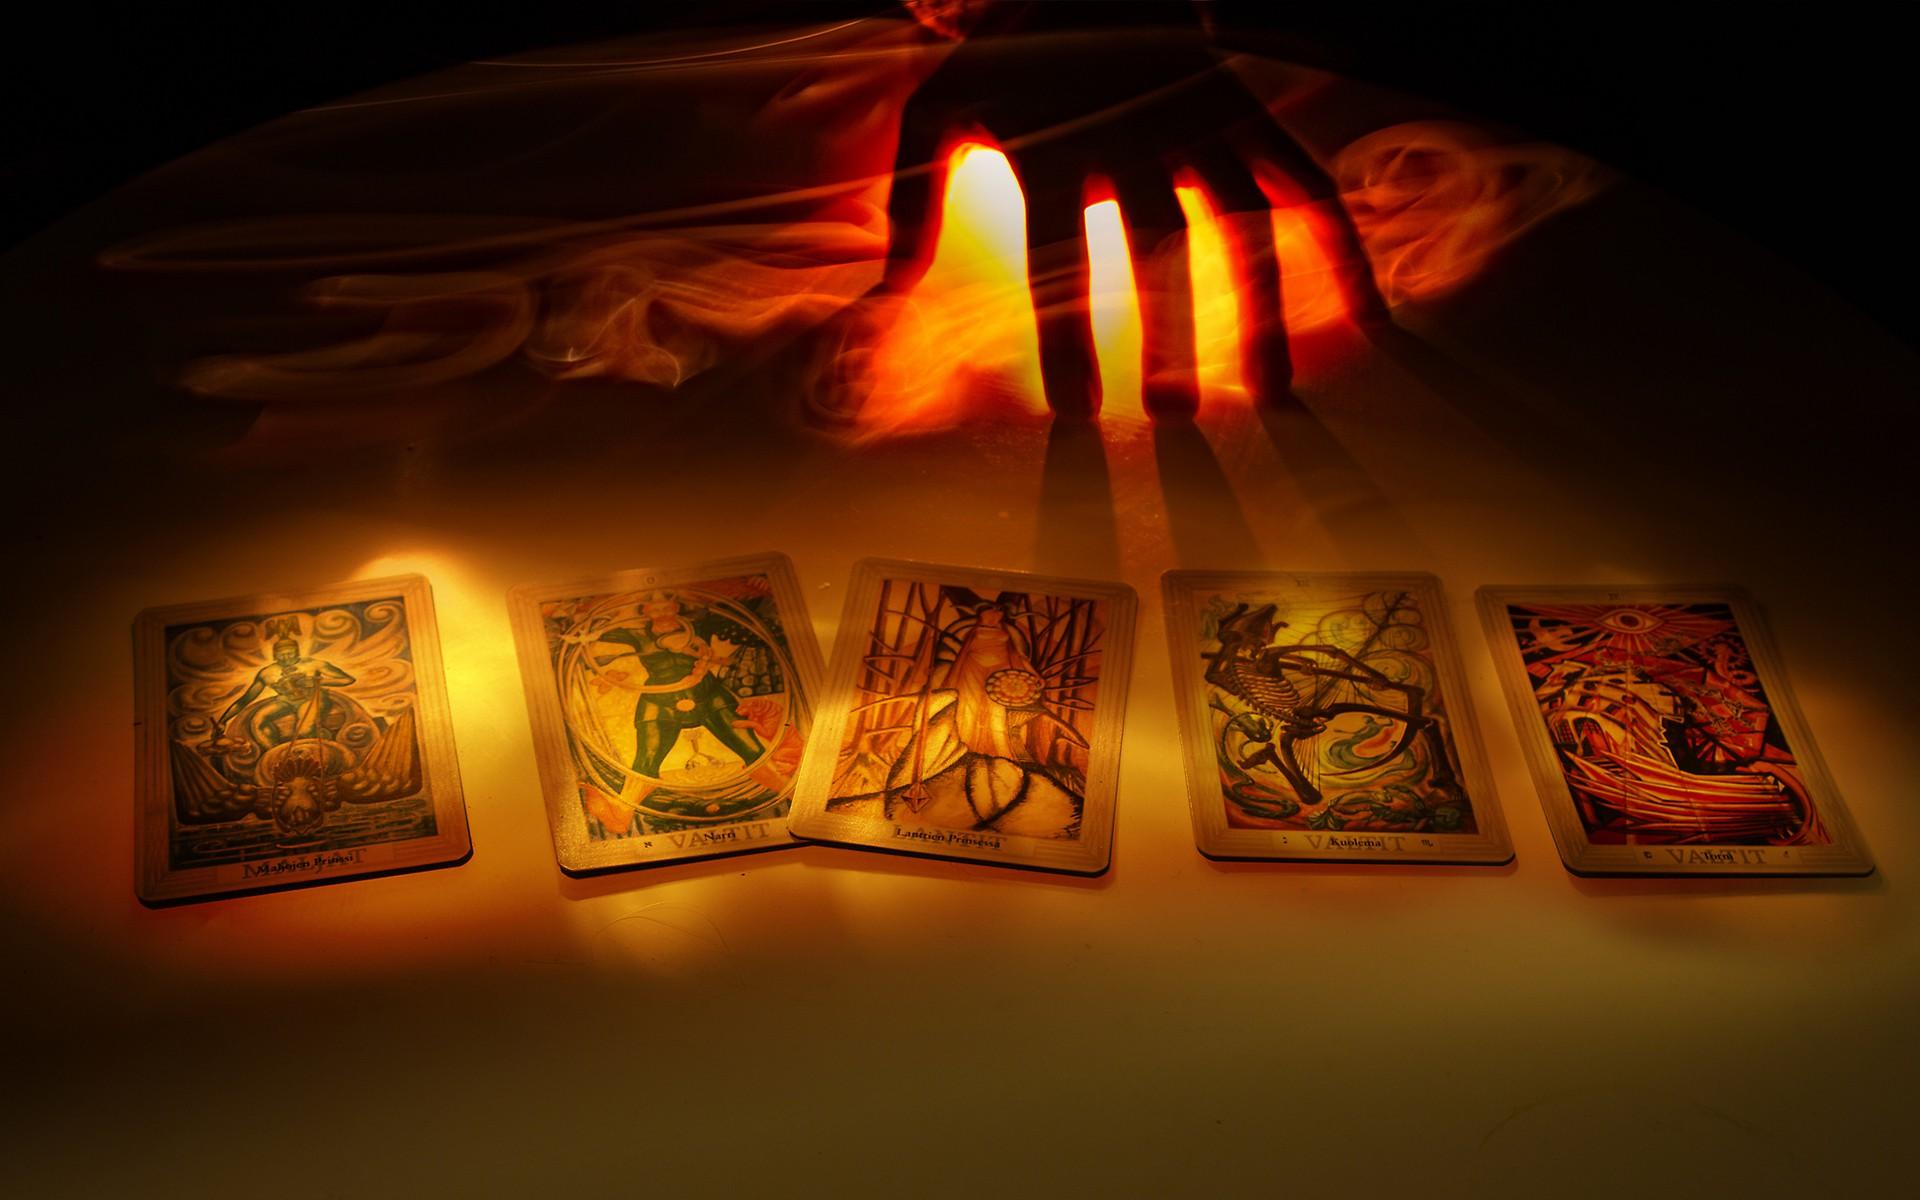 Tử vi hôm nay (11/3) qua lá bài Tarot: Tin vui! Có tin vui!